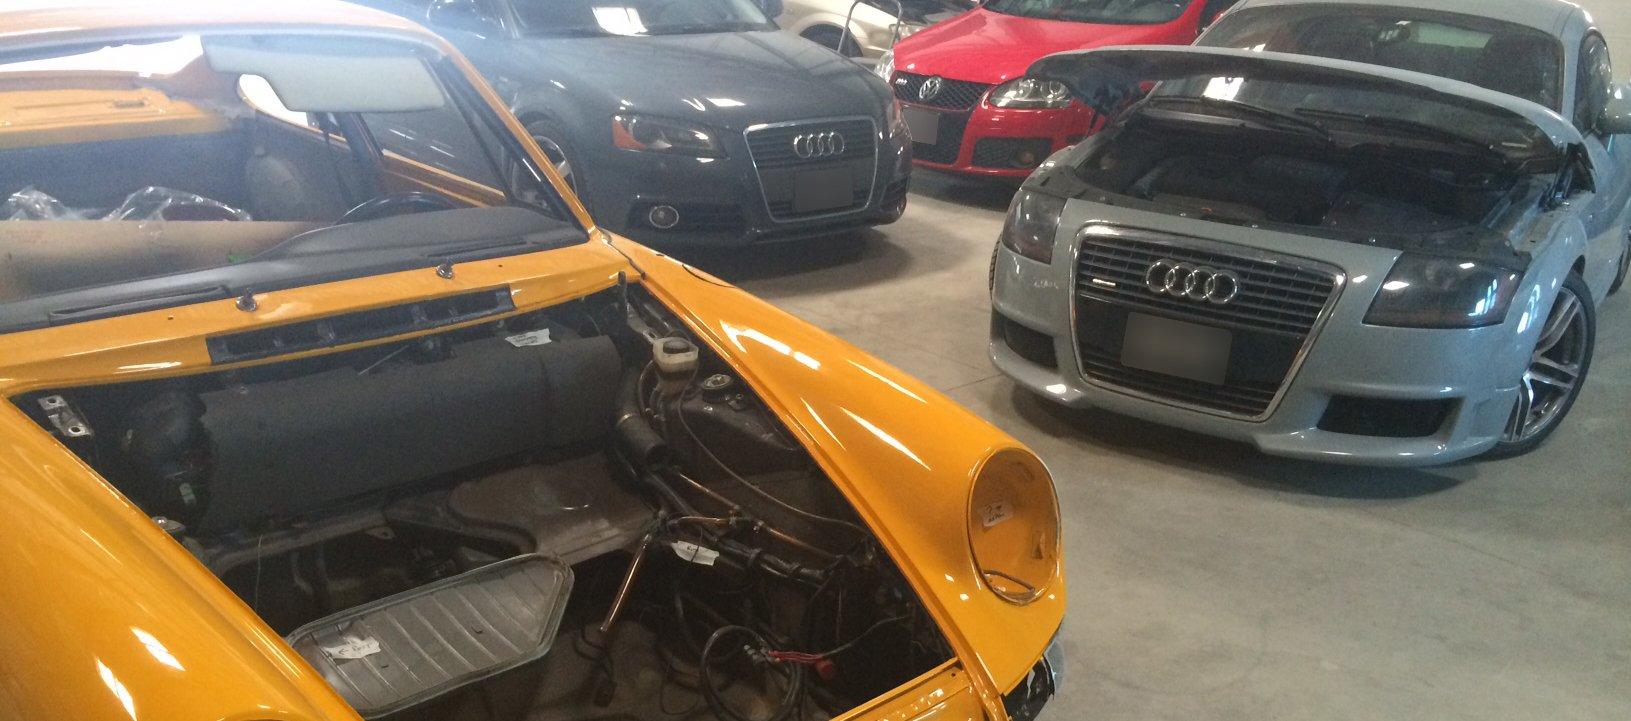 Auto Body Collision Repair Shop In Mississauga Uni Body Collision